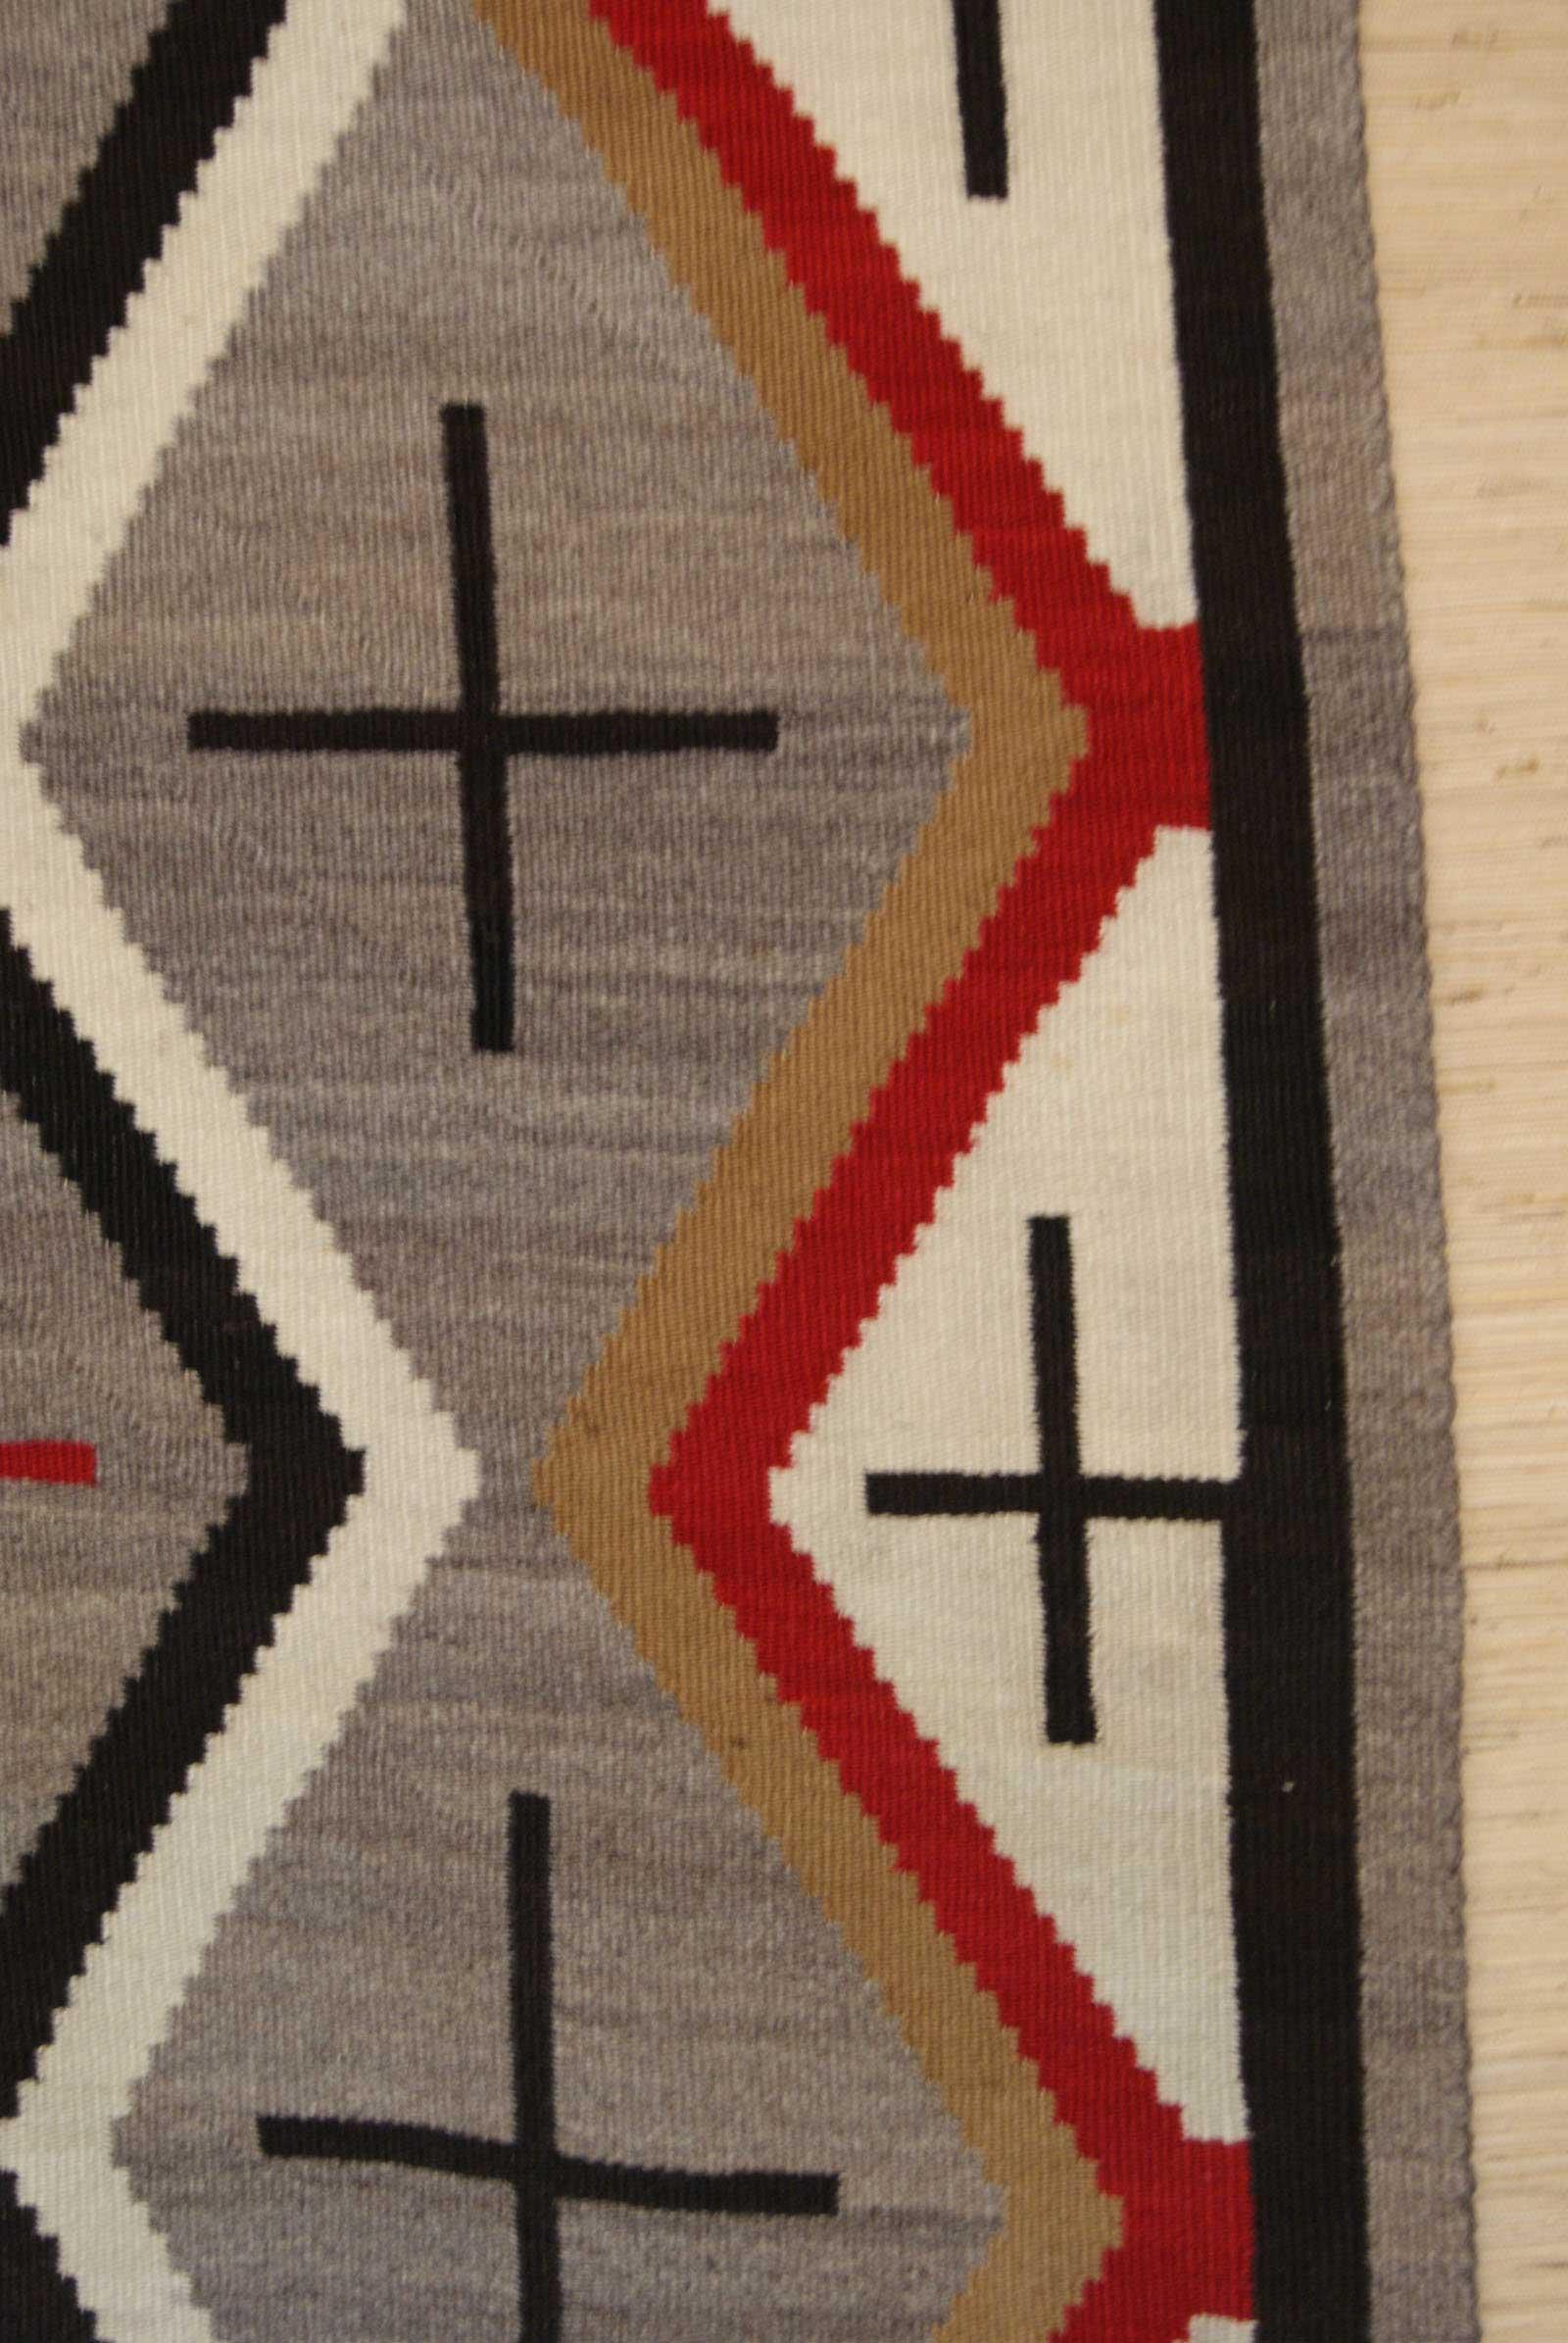 Navajo Weaving With Spider Women Crosses In Diamonds